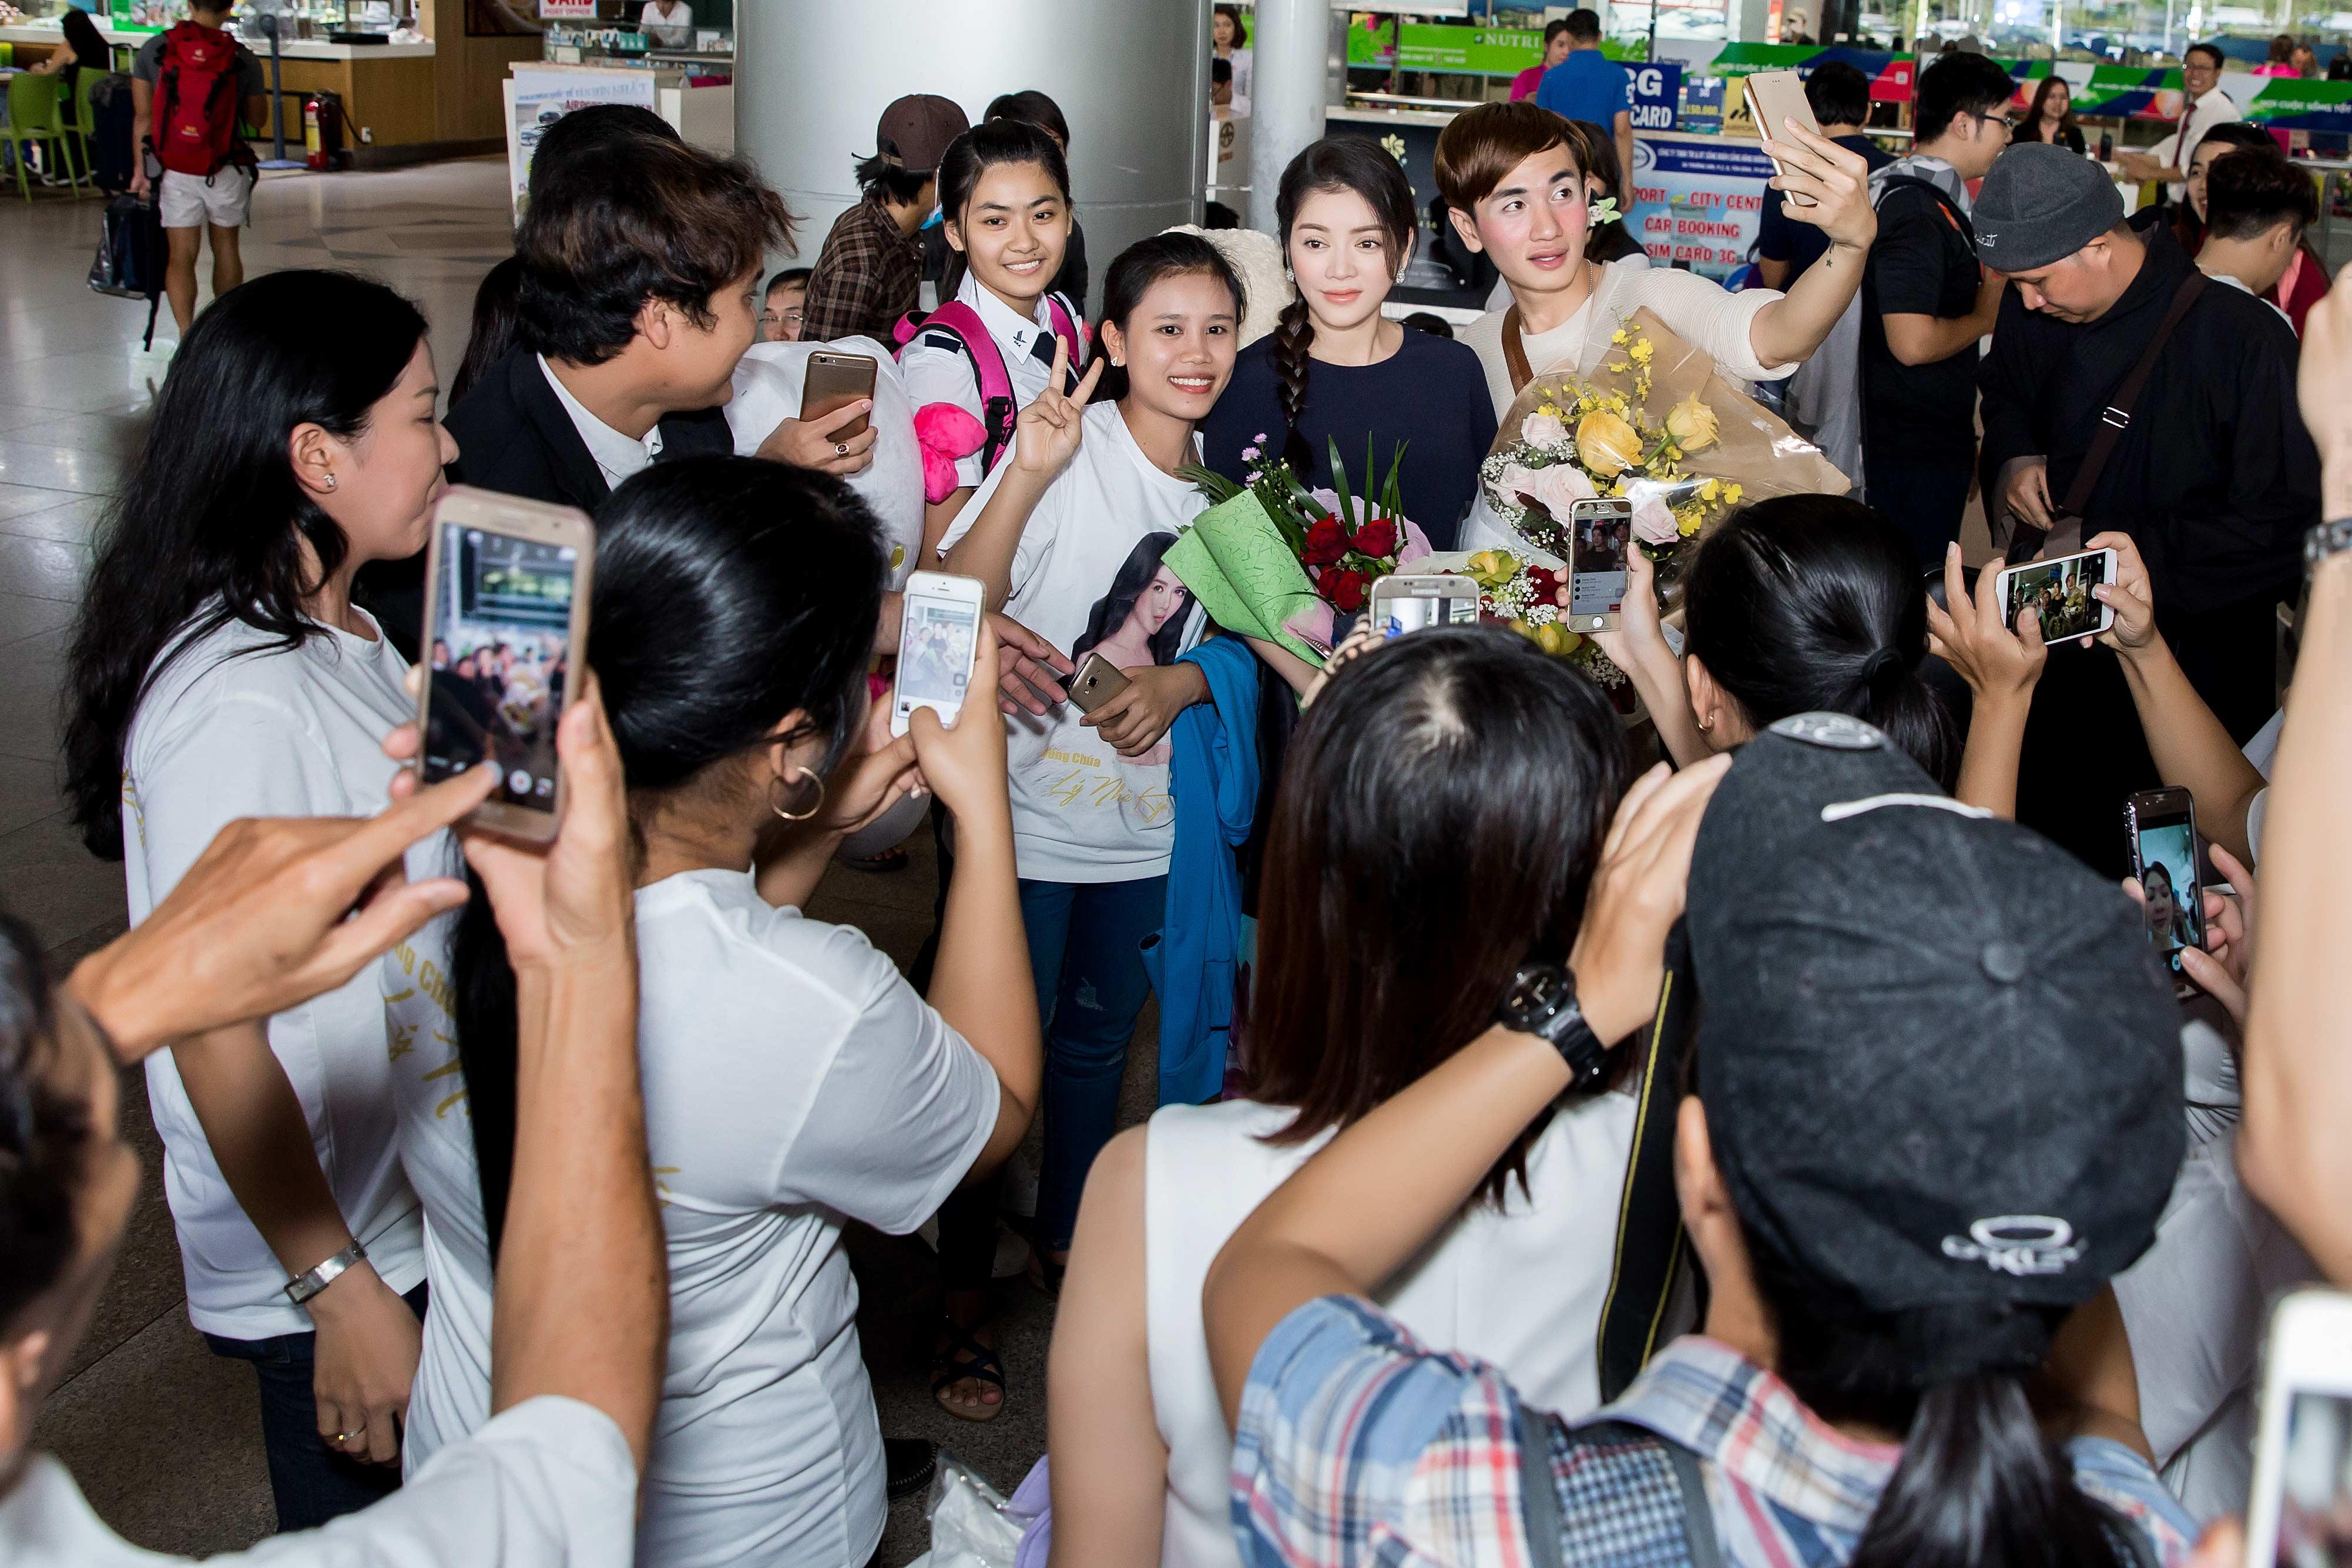 Lý Nhã Kỳ xinh đẹp trong vòng vây fans ở sân bay 2